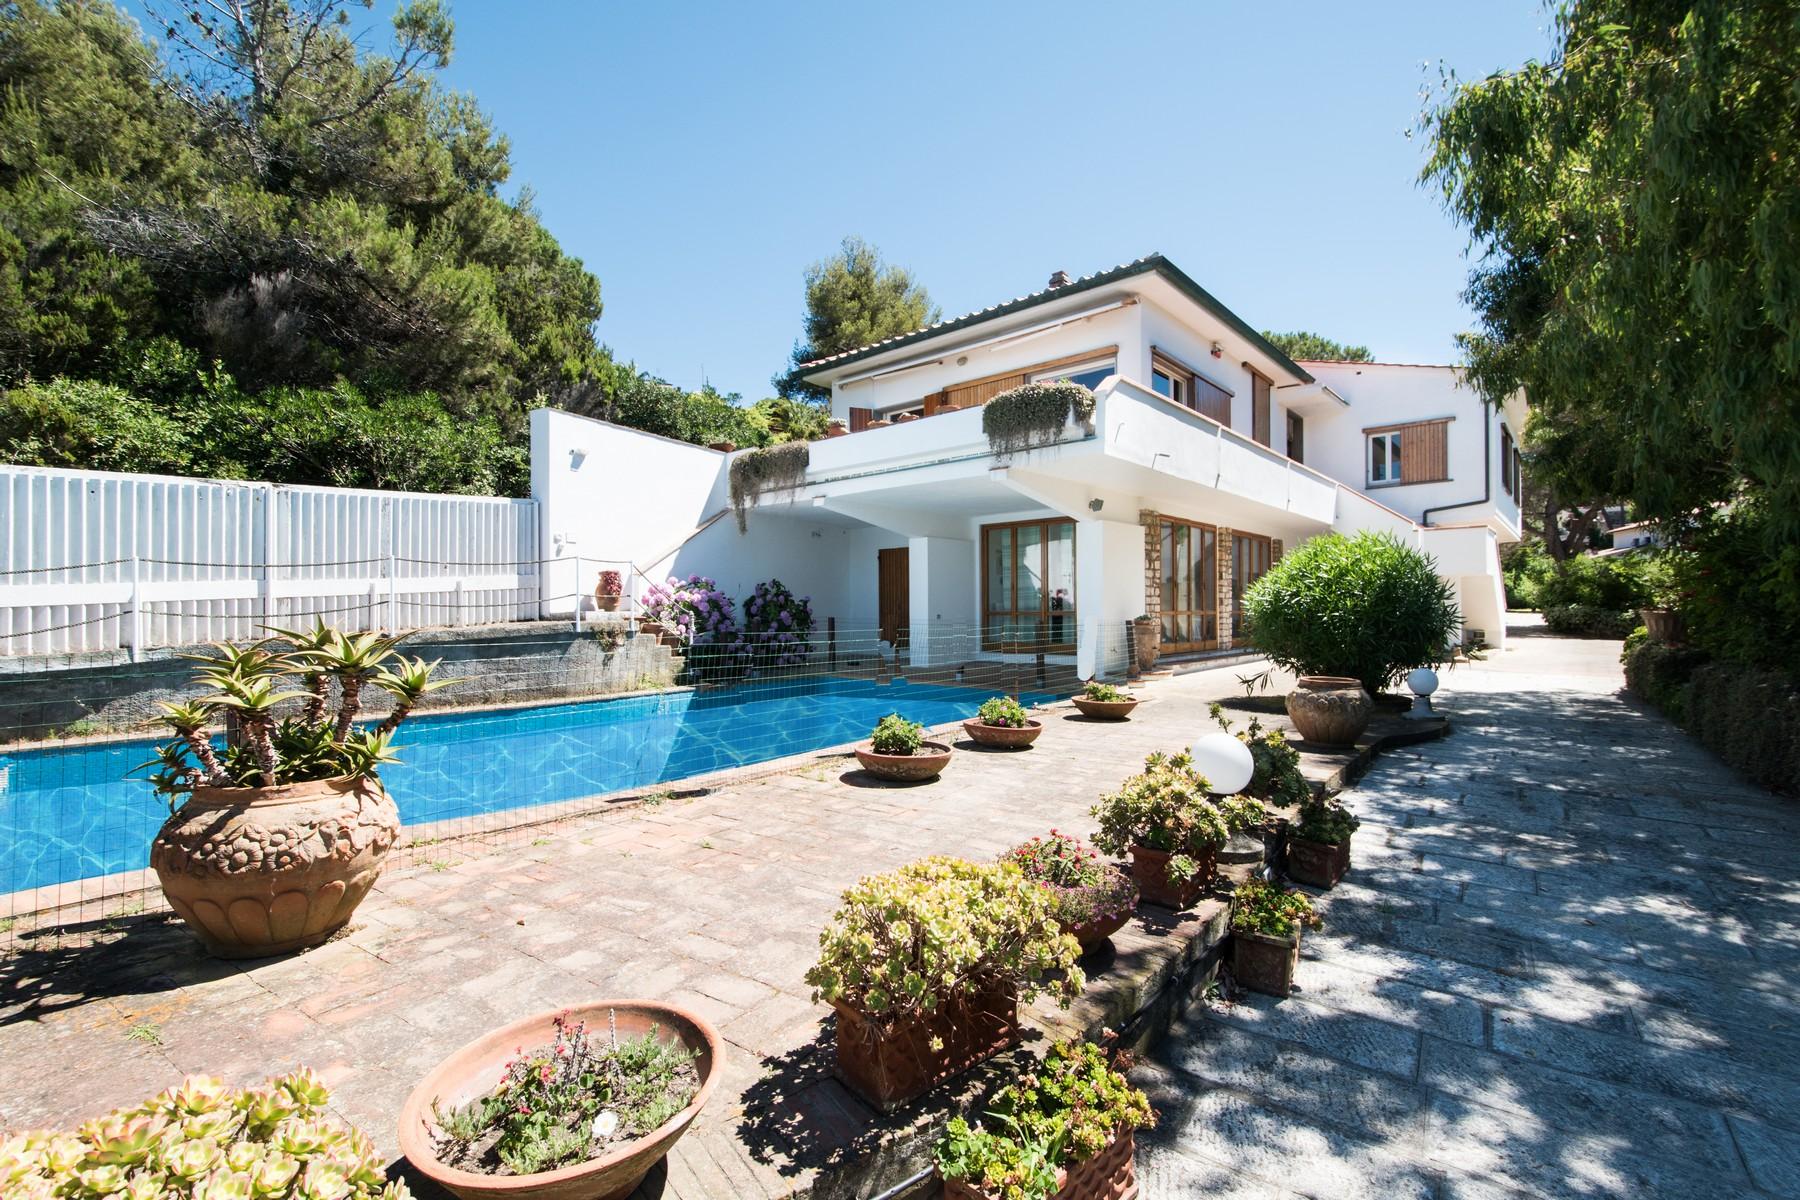 Villa in Vendita a Portoferraio: 5 locali, 300 mq - Foto 7